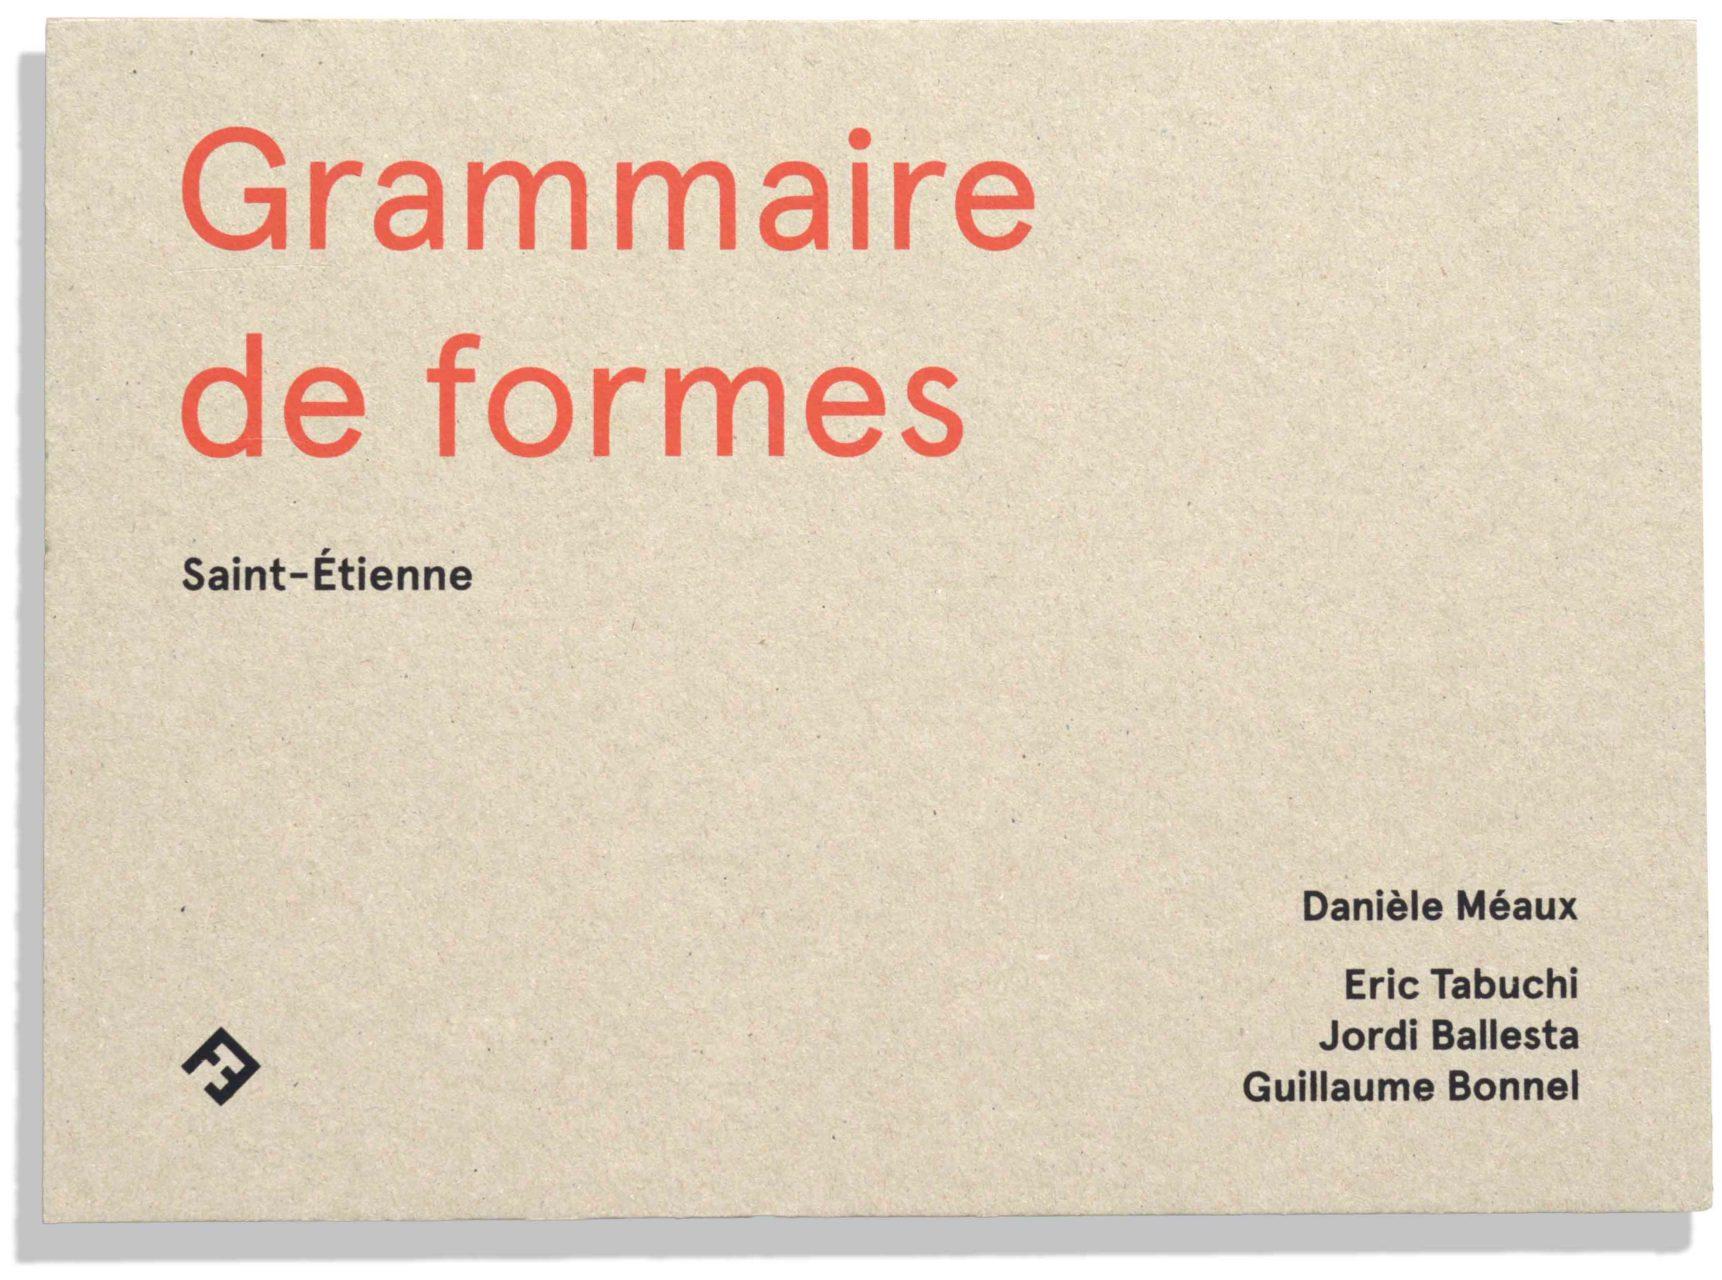 Grammaire-1722x1280